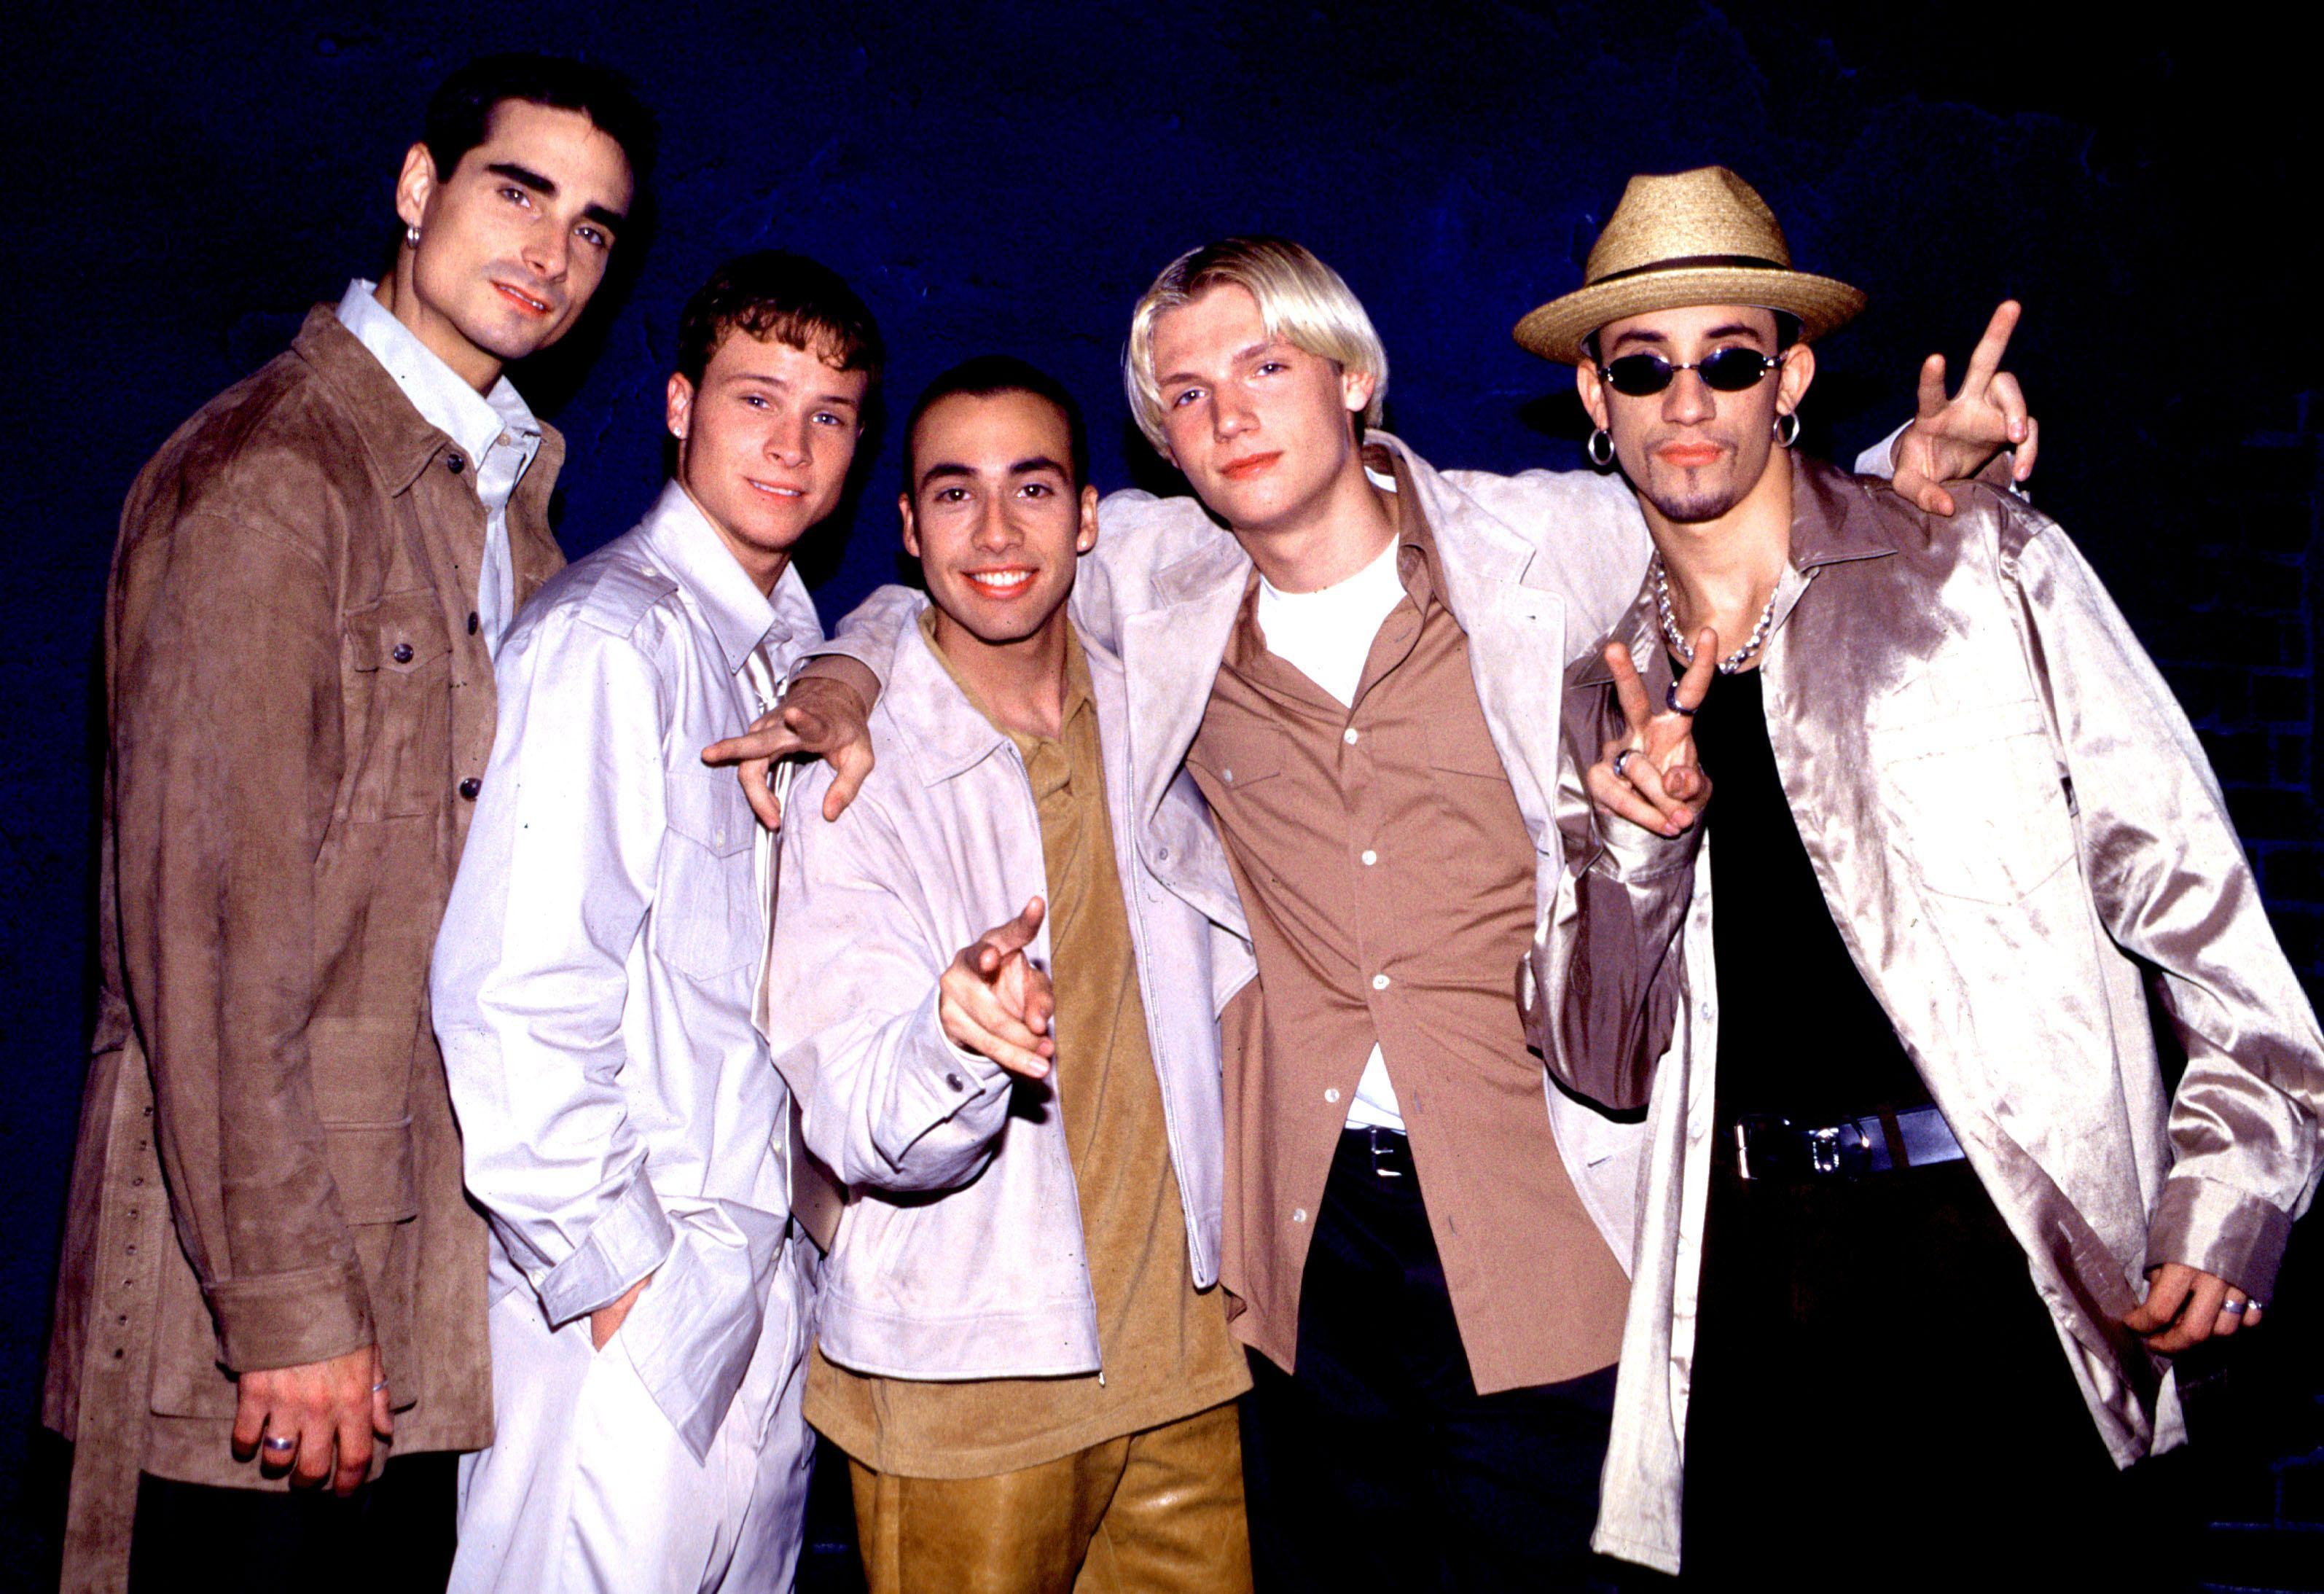 Qué Fue De Los Backstreet Boys Dna Así Es El Nuevo Disco De Backstreet Boys